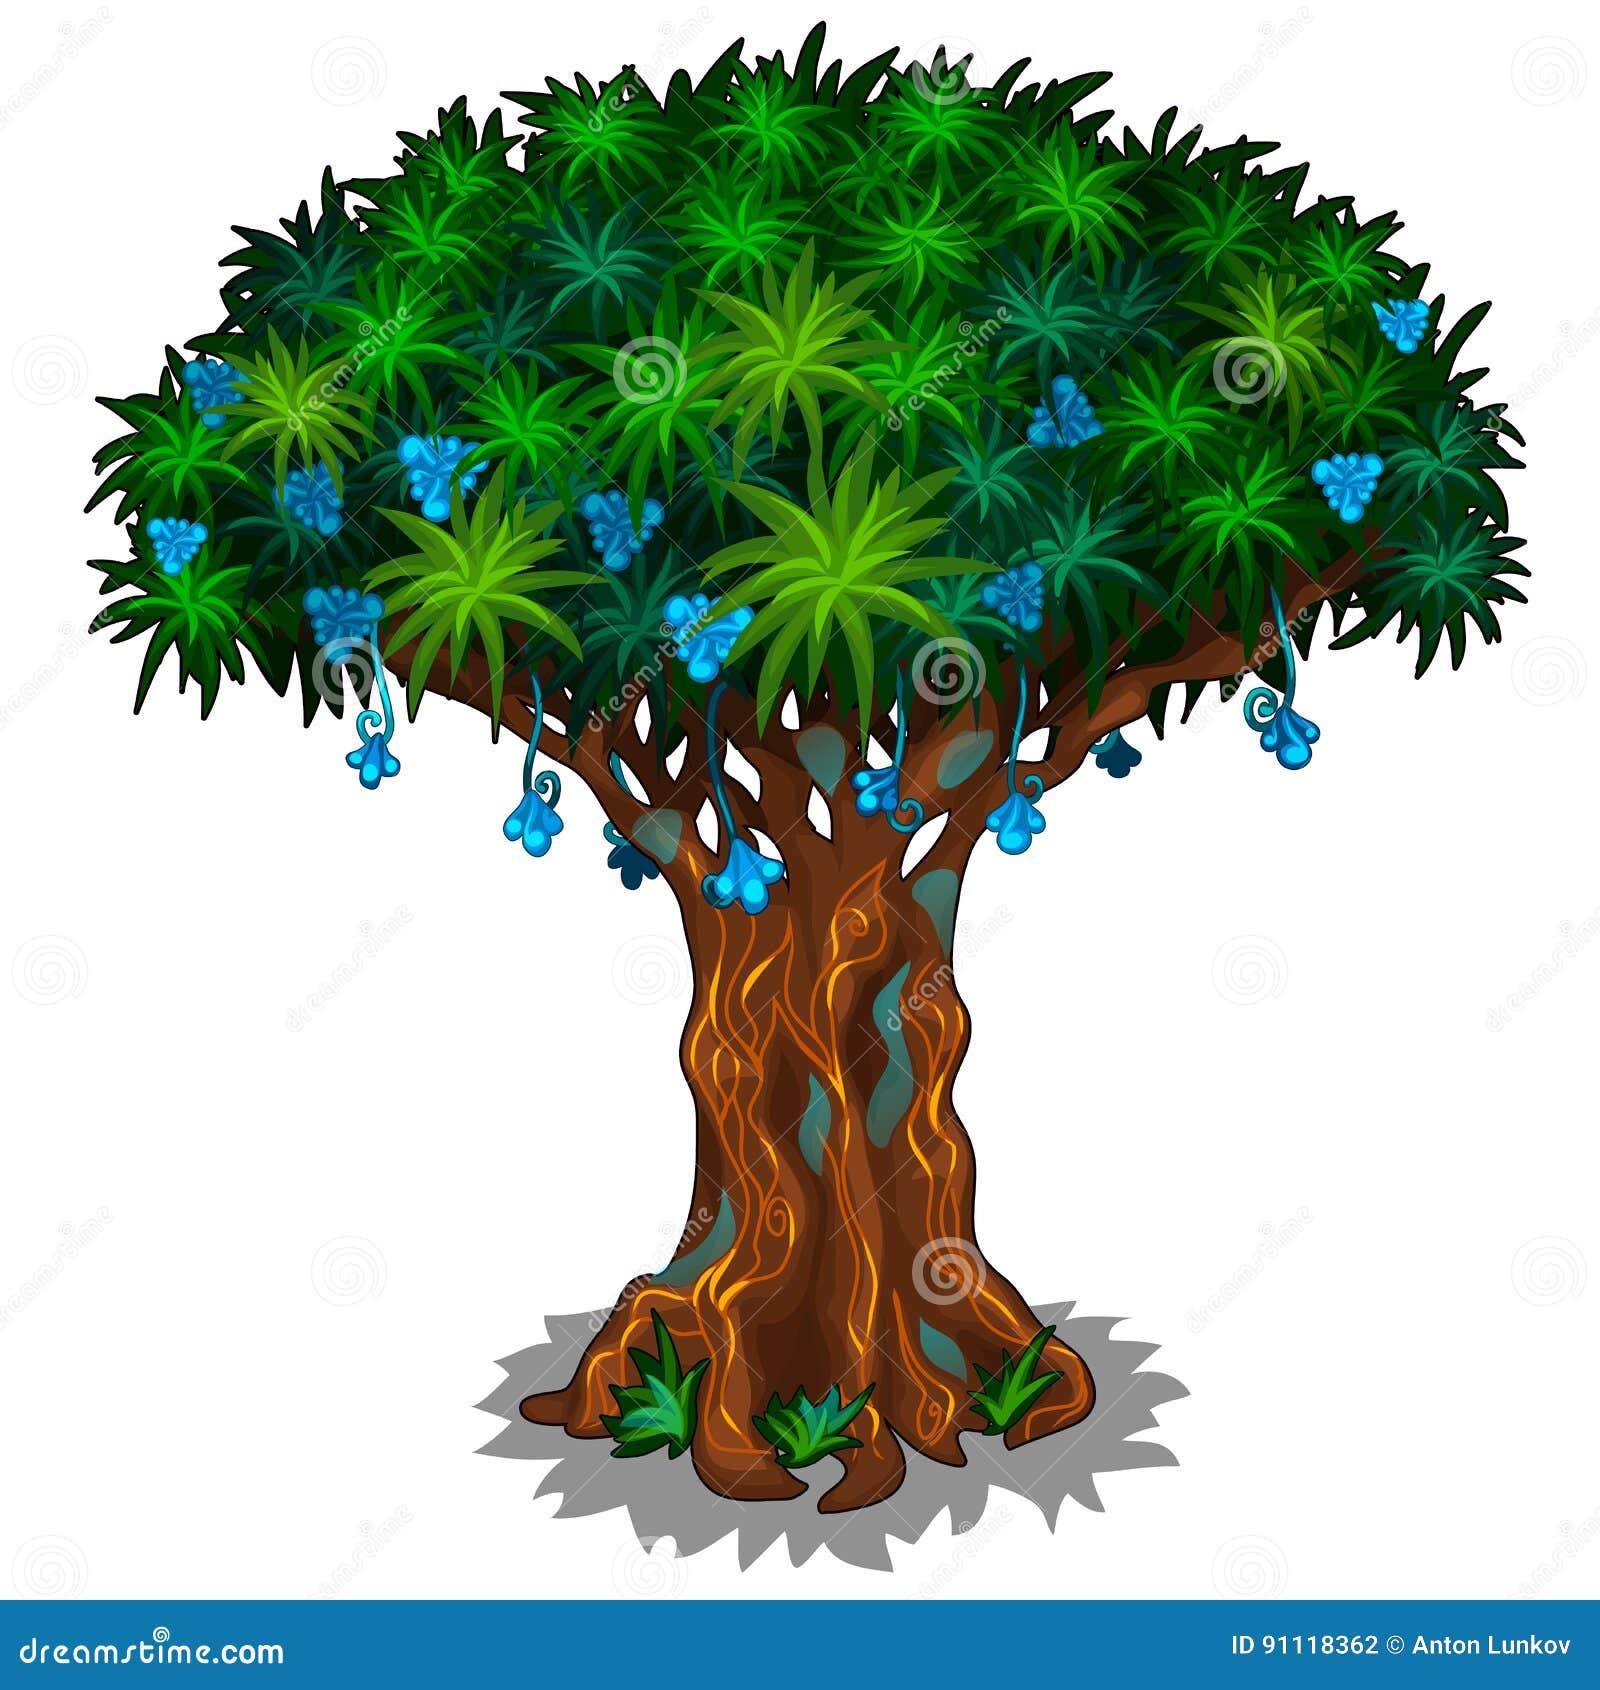 Grande albero leggiadramente con i fiori e le vene blu di energia